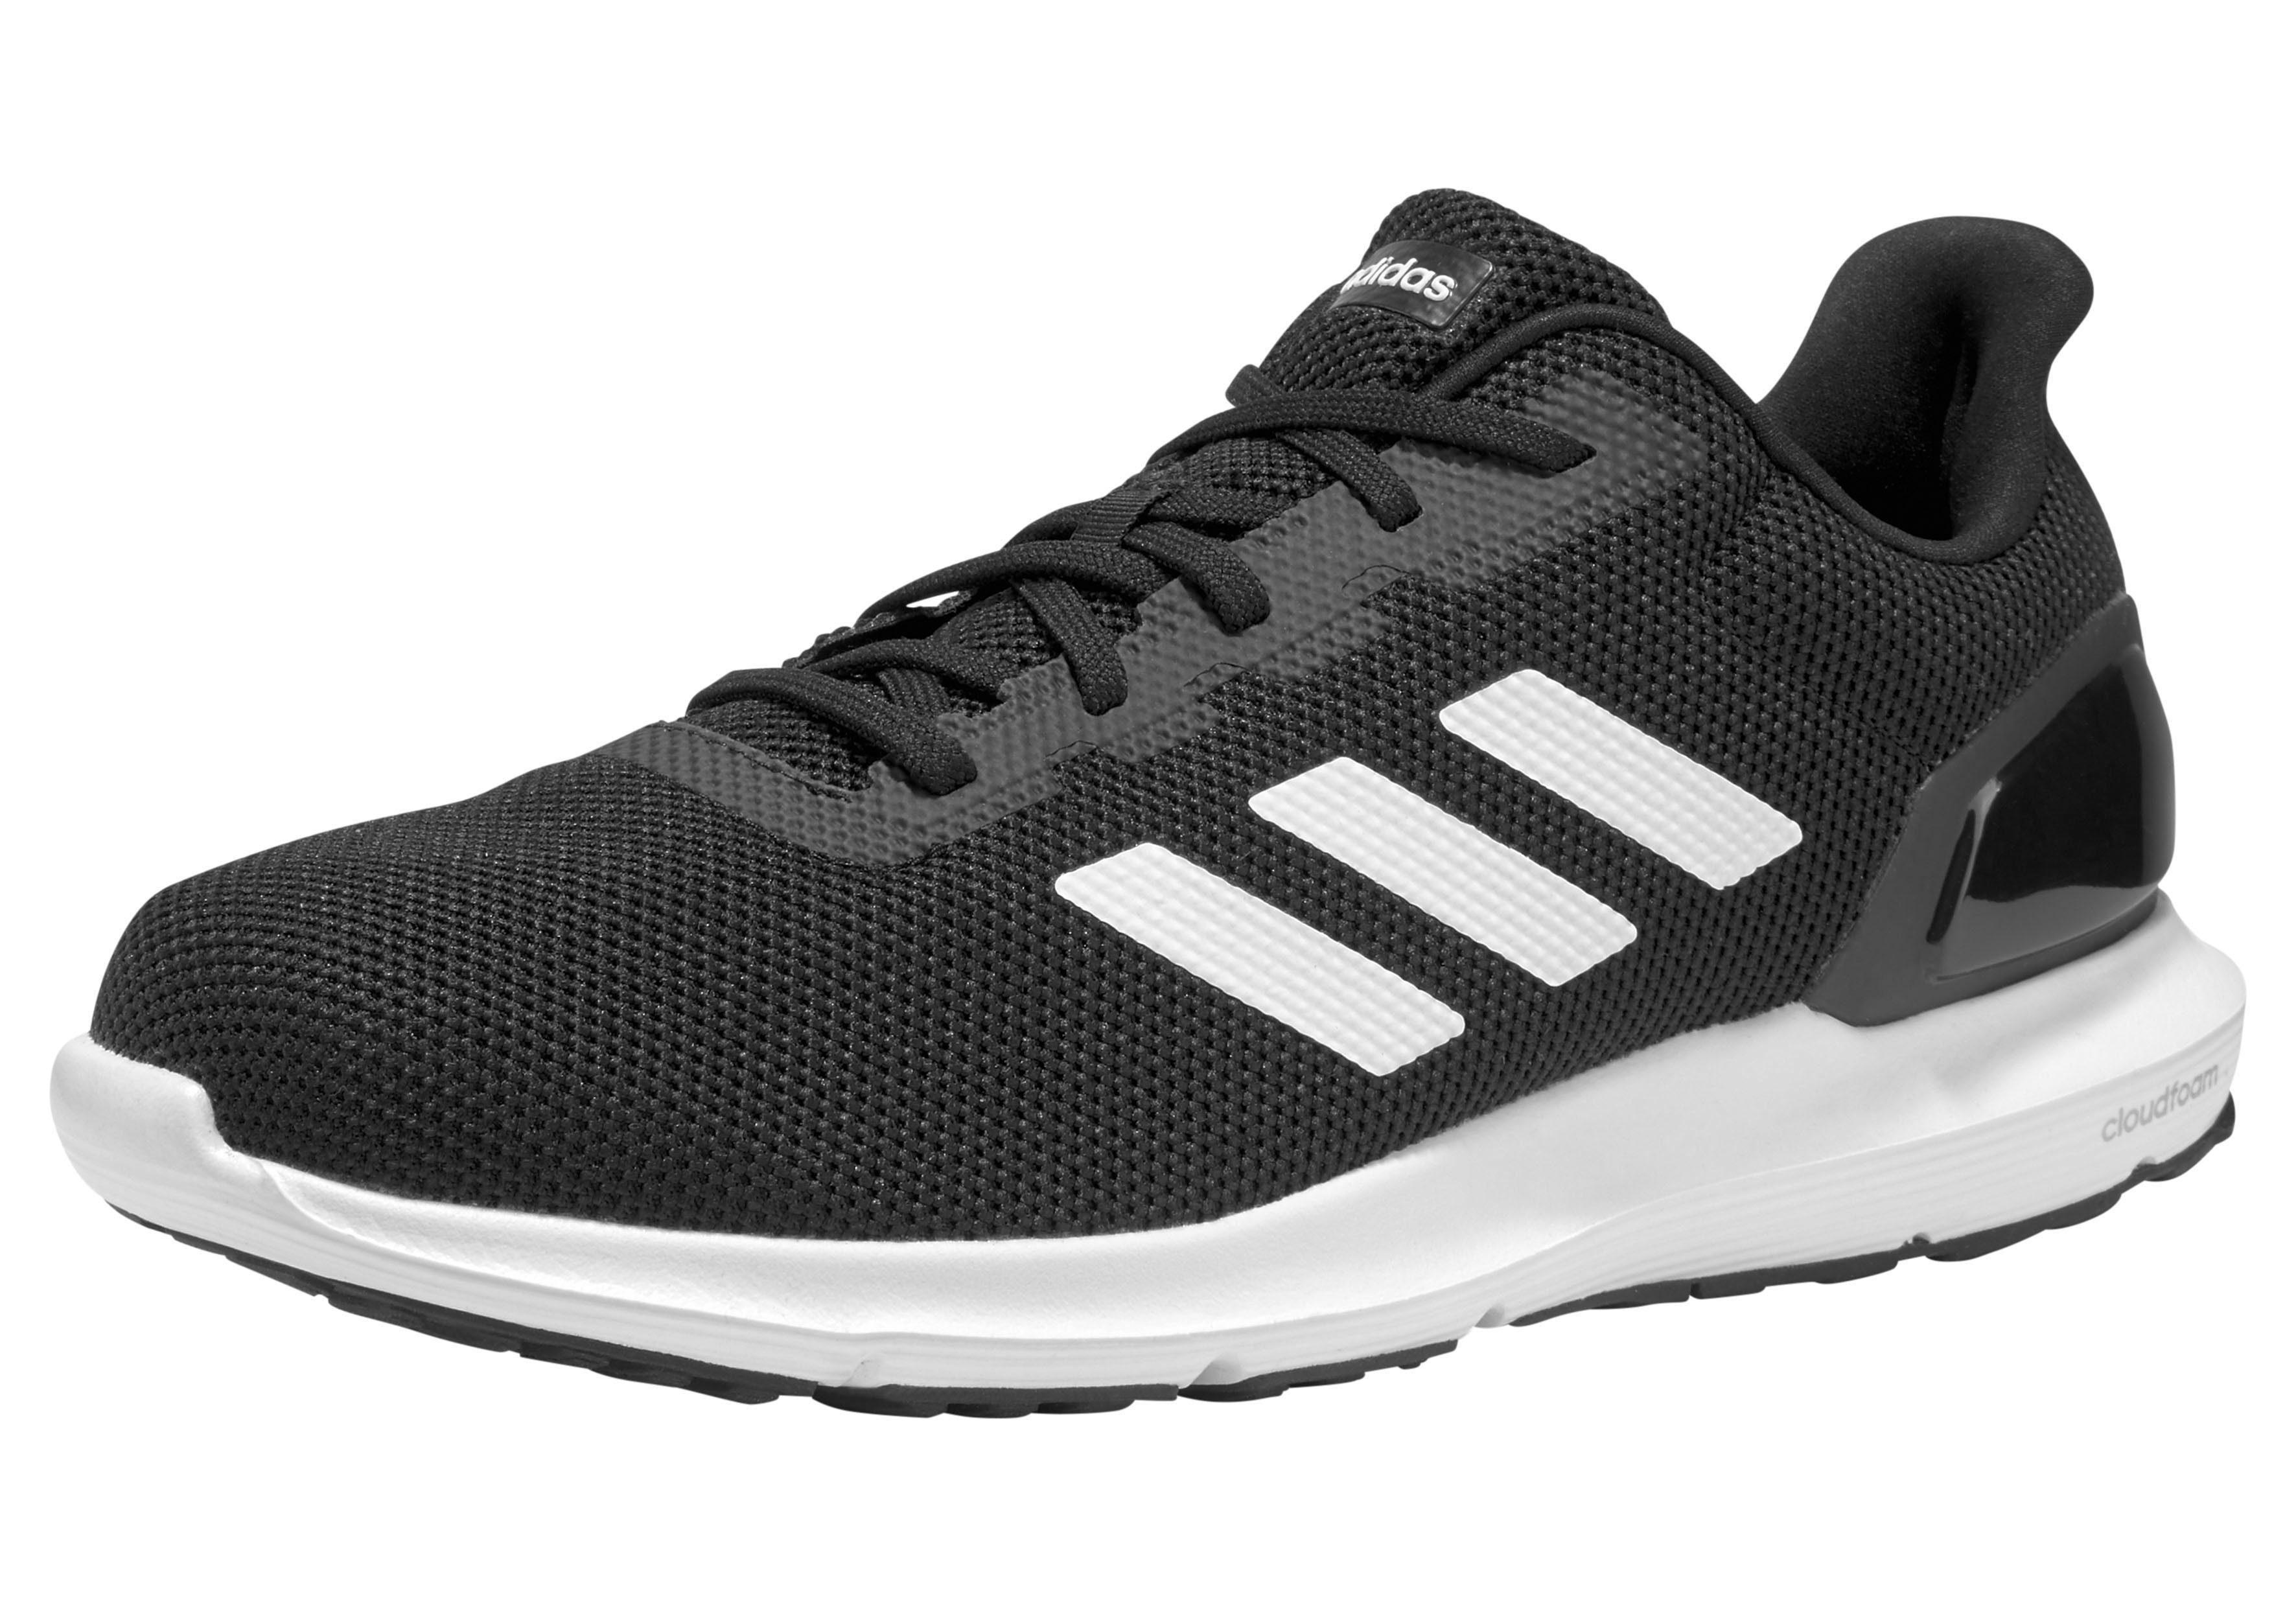 adidas »COSMIC 2 M1« Laufschuh online kaufen   OTTO